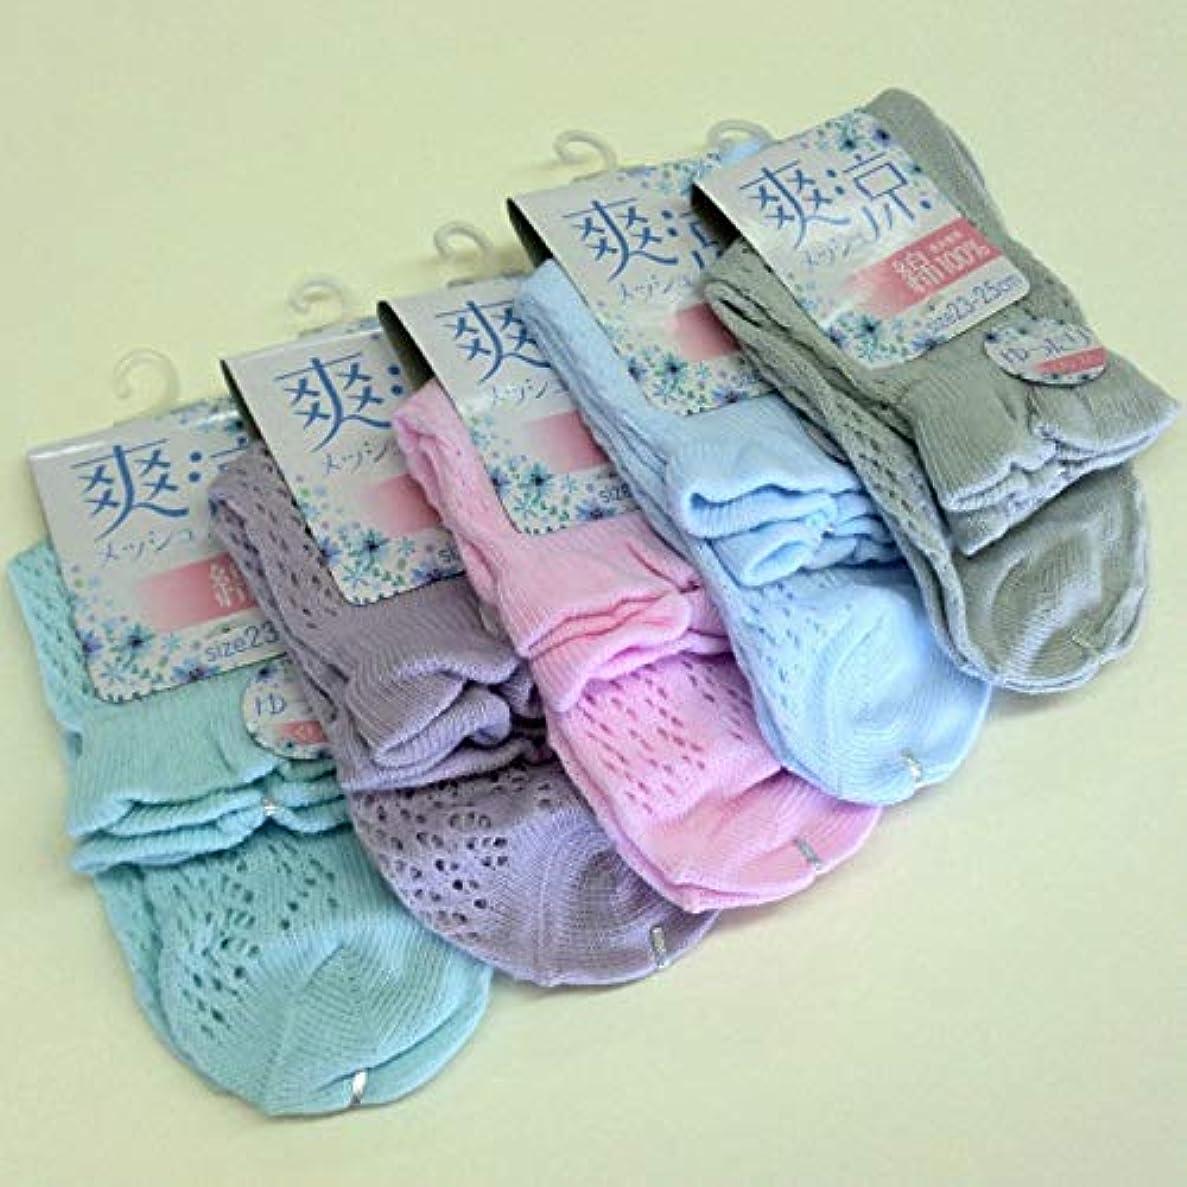 パケット再開台無しに靴下 レディース 夏 表糸綿100% 涼しいルミーソックス セット 5色5足組